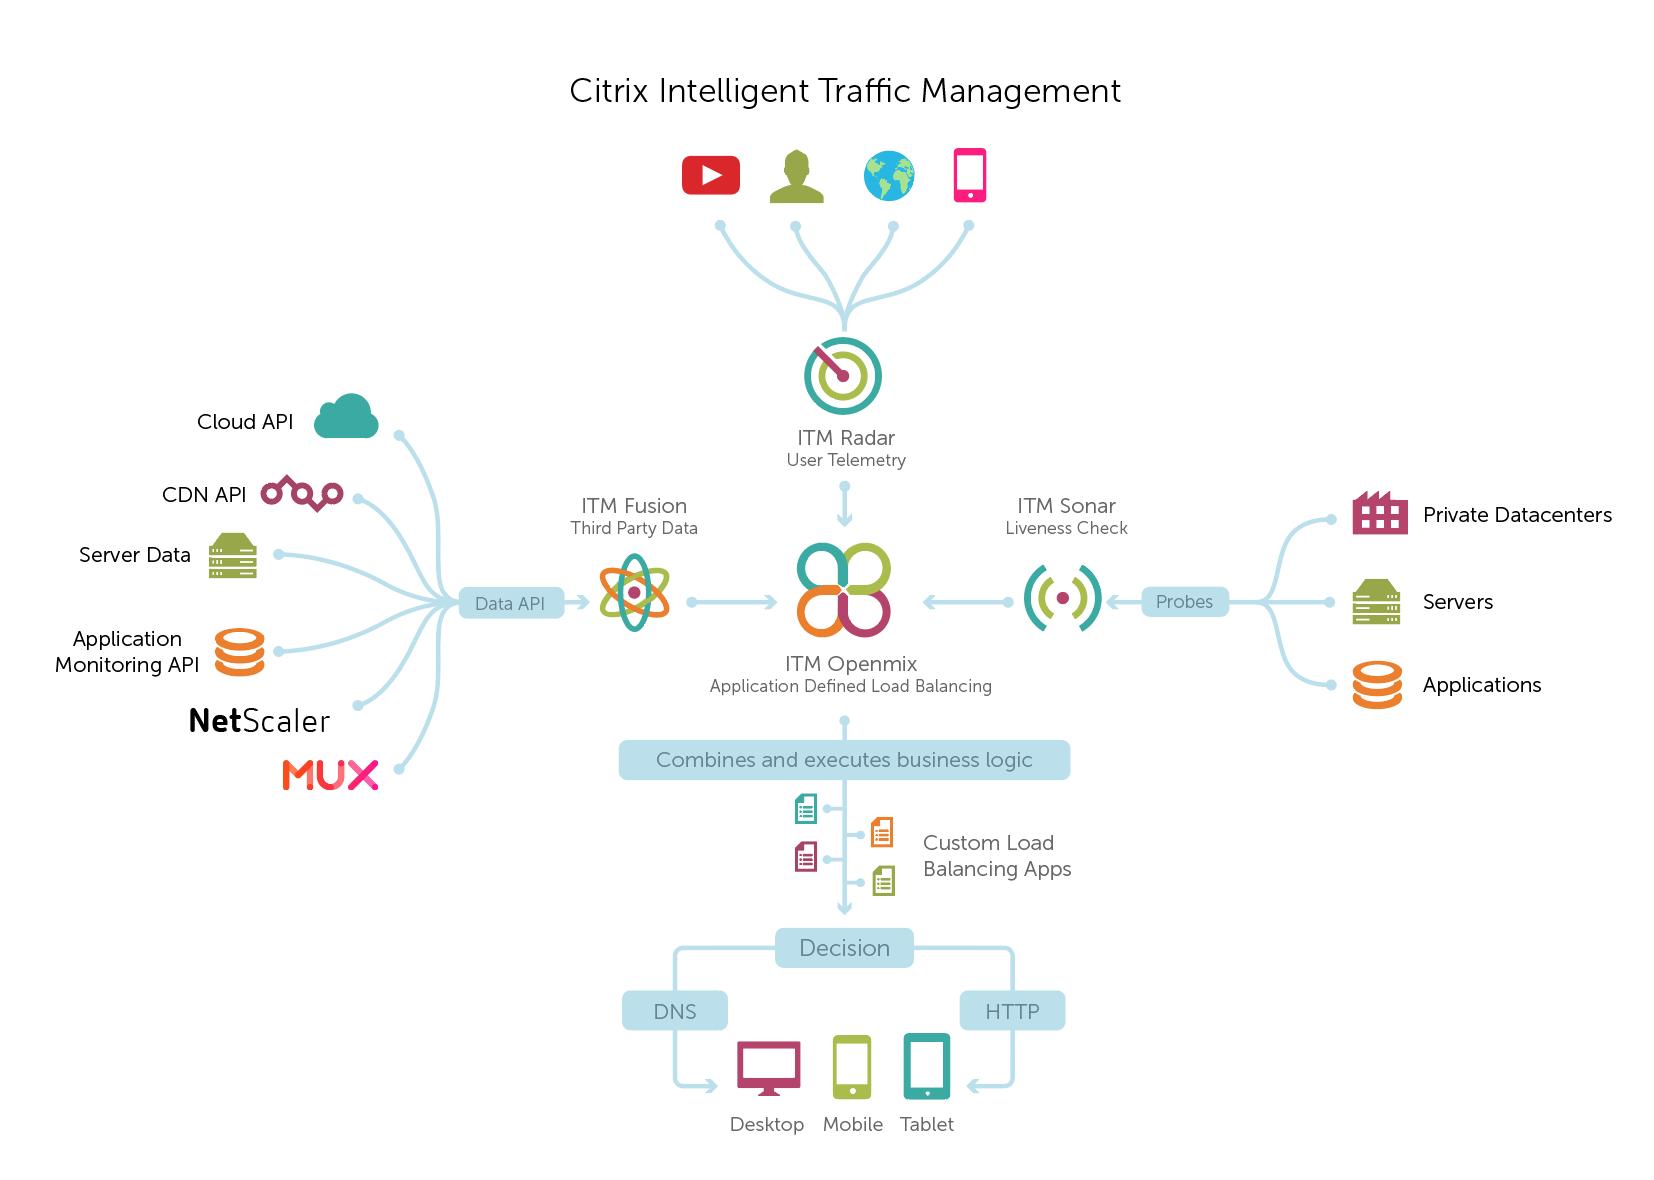 کاربر GSLB به عنوان یک سرویس، در کنار Citrix Intelligent Traffic Management